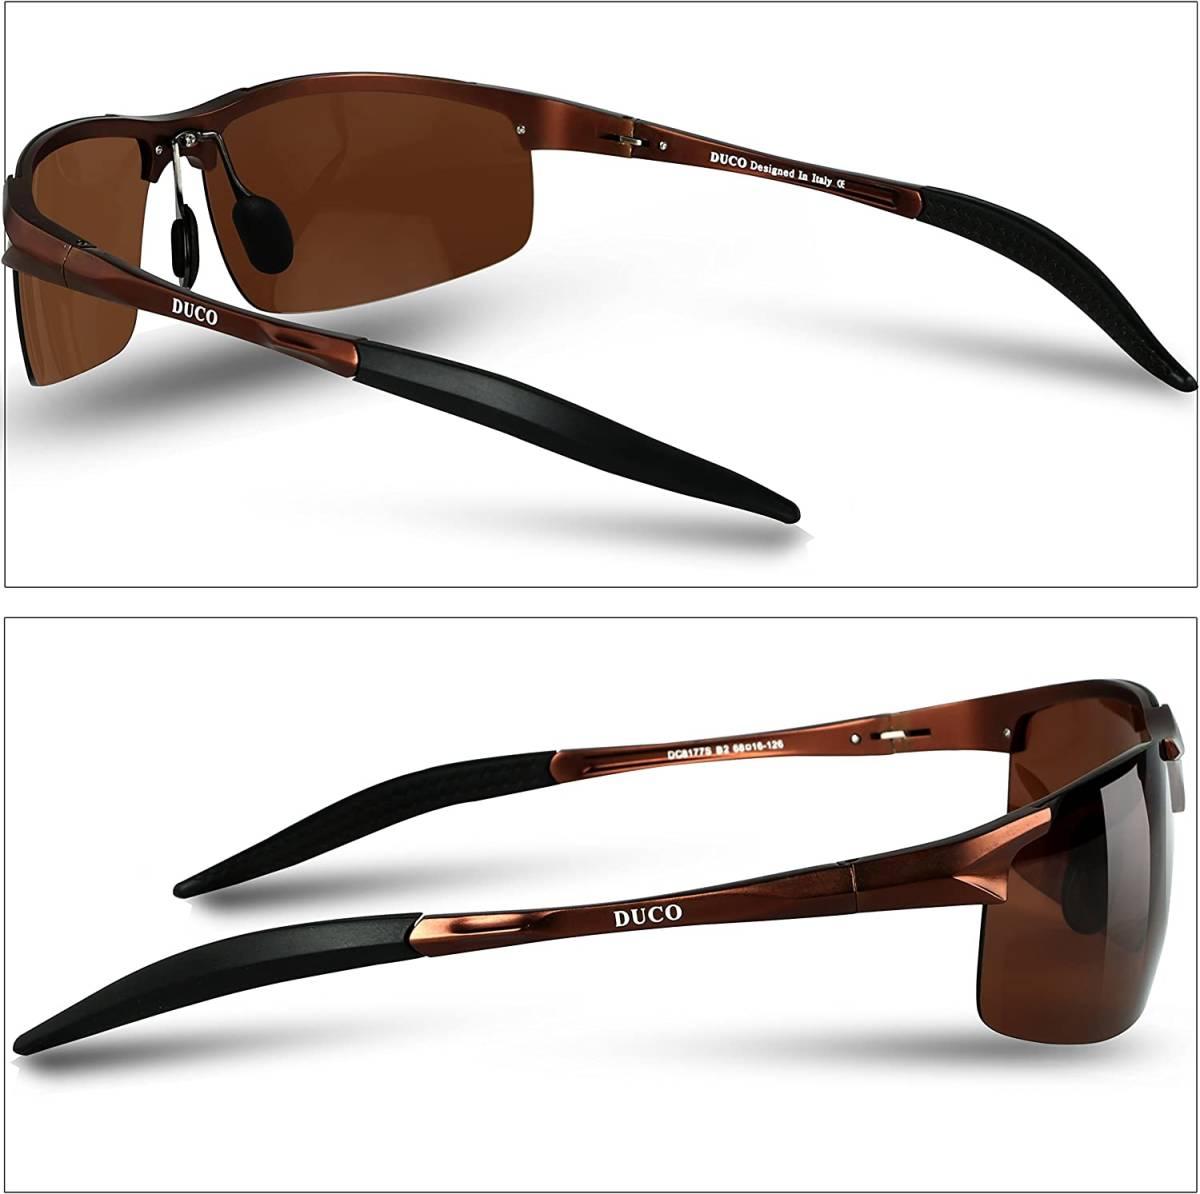 【送料無料】DUCO スポーツ サングラス メンズ 偏光サングラス UV400保護 AL-MG合金 超軽量 自転車/釣り/ゴルフ 8177S ブラウン 茶色